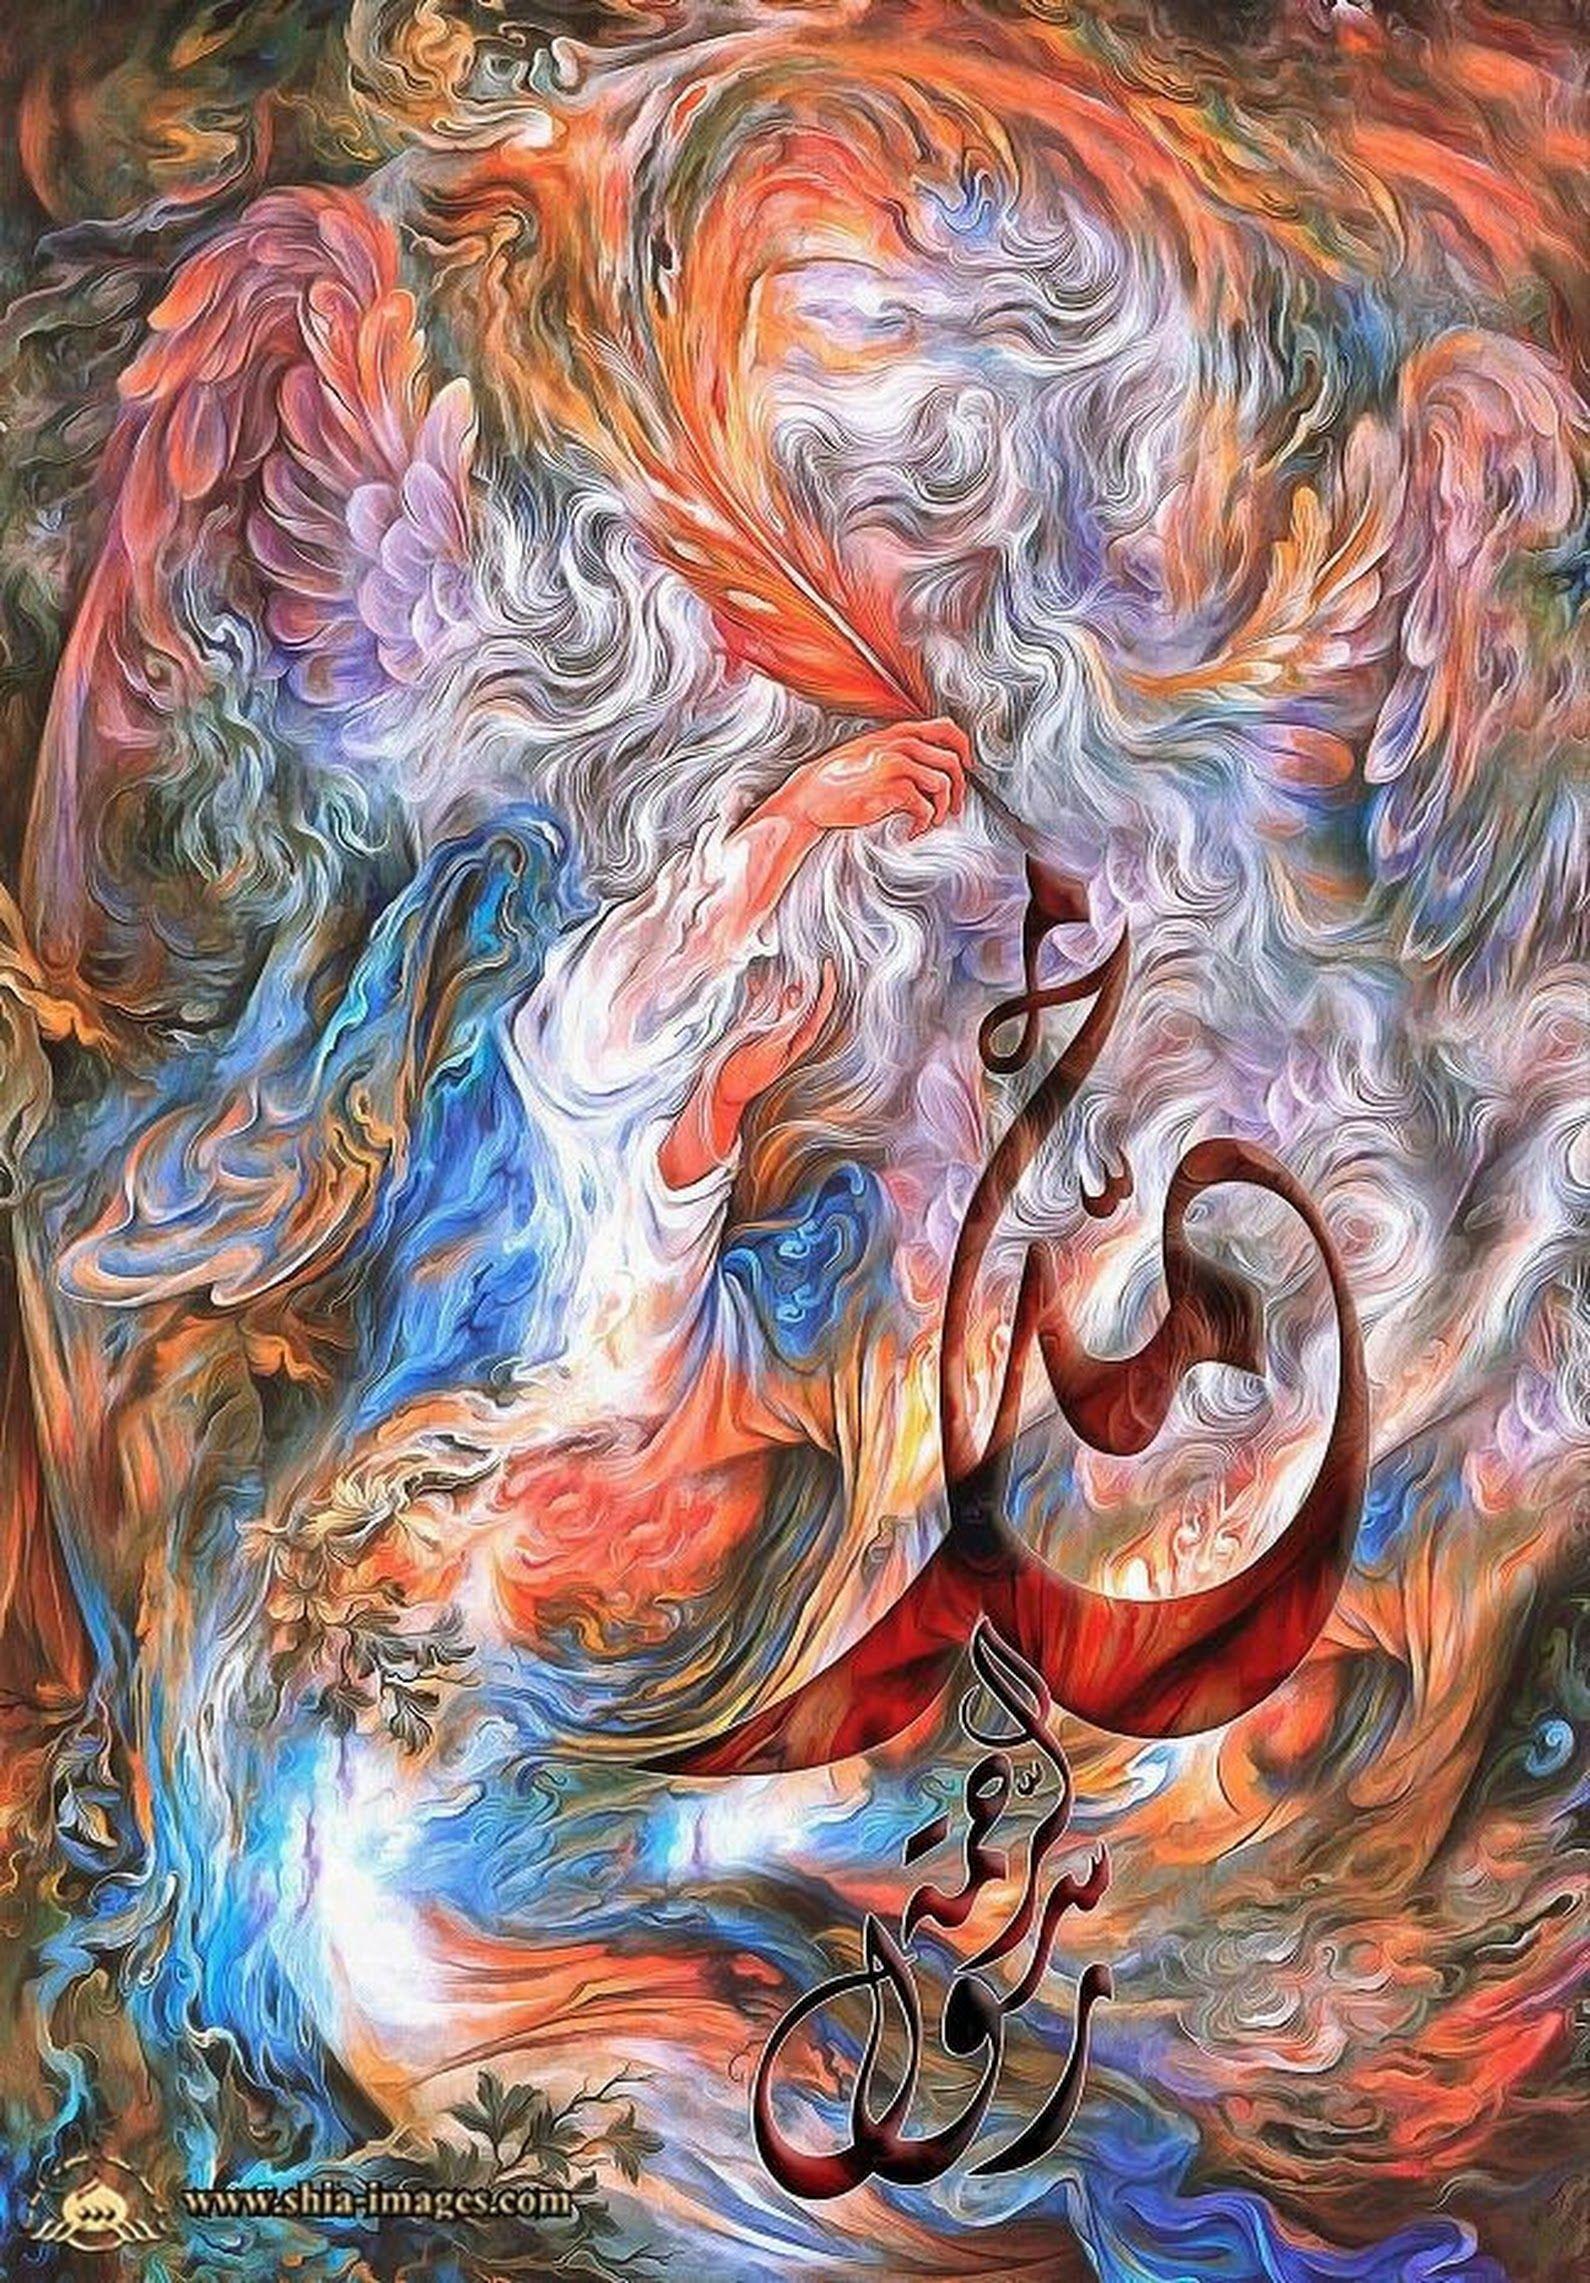 لوحة فنية رائعة تحمل أسم منقد البشرية حبيب الله محمد صلى الله عليه وآله وسلم Islamic Art Islamic Calligraphy Art